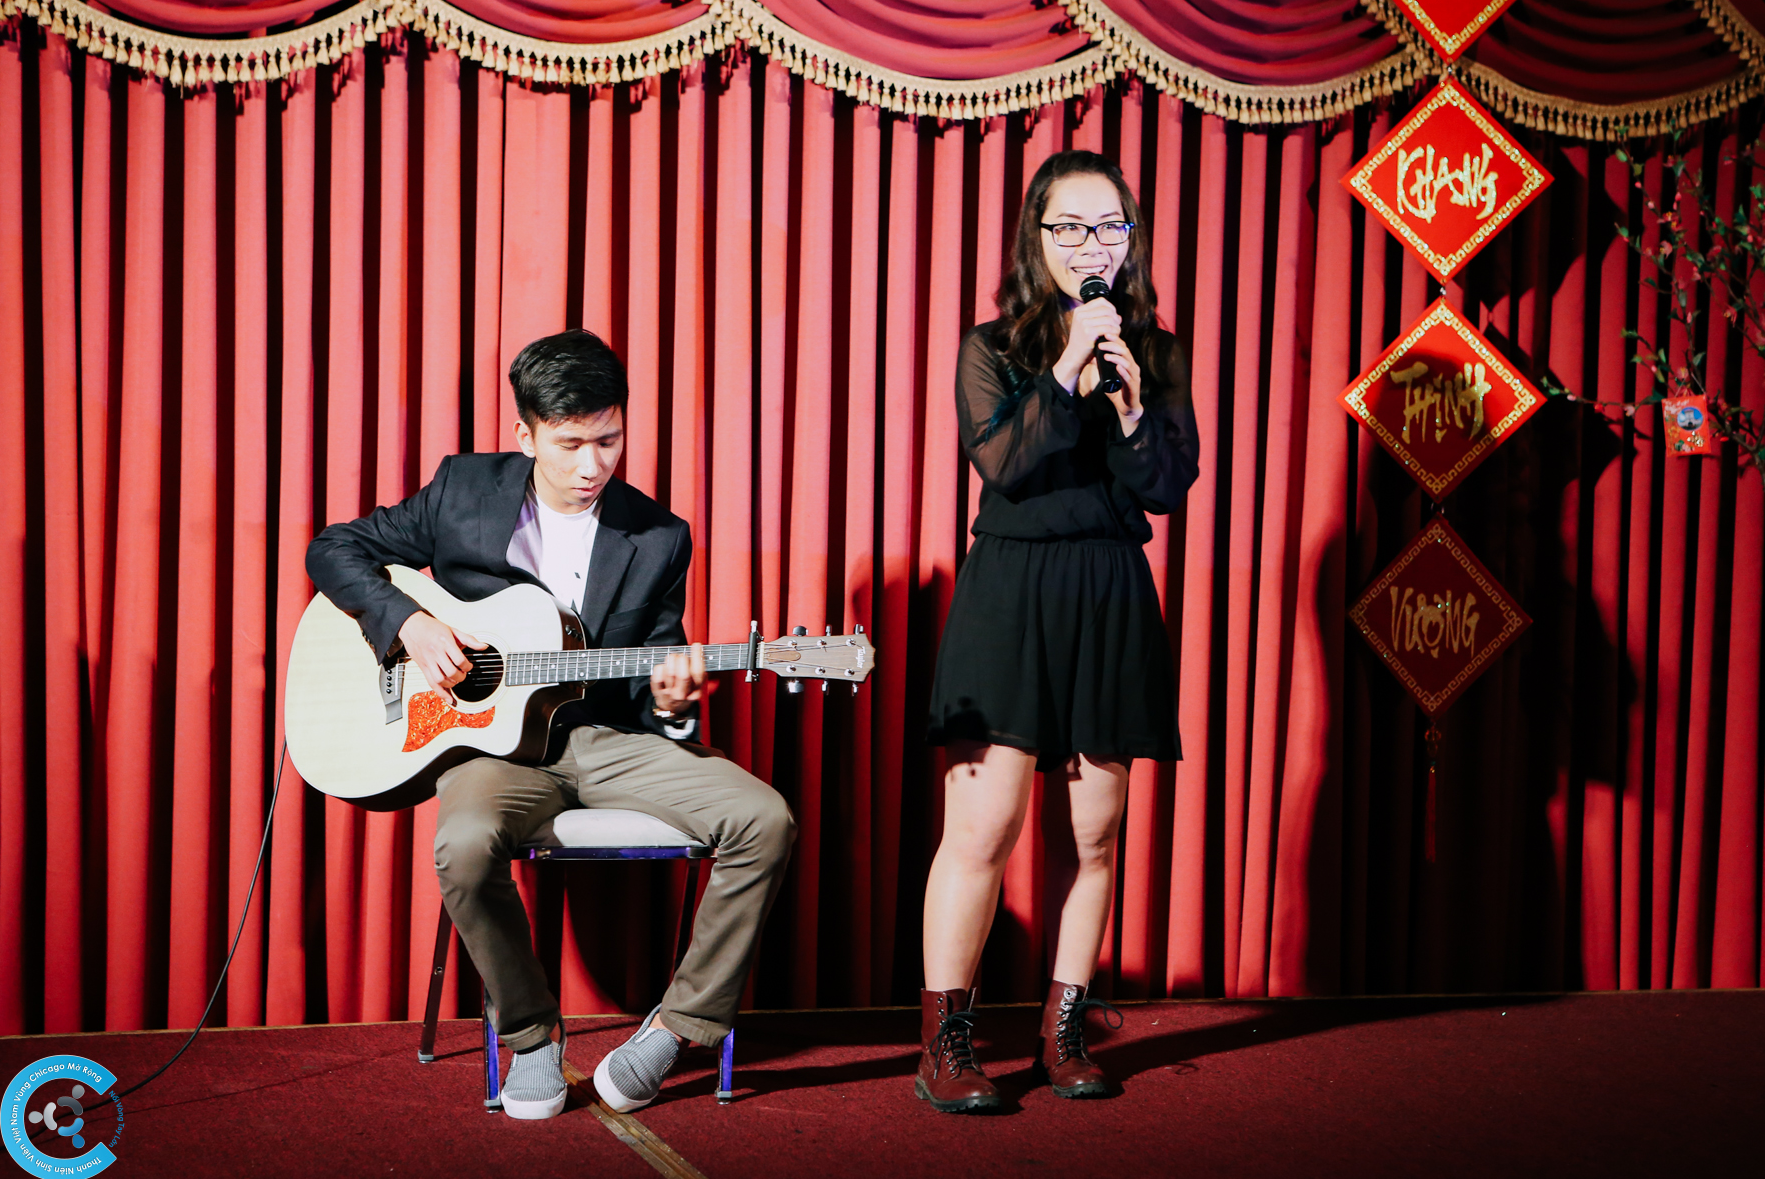 Màn biểu diễn acoustic từ đôi bạn dành chiến thắng tại Chicagoland Got Talent